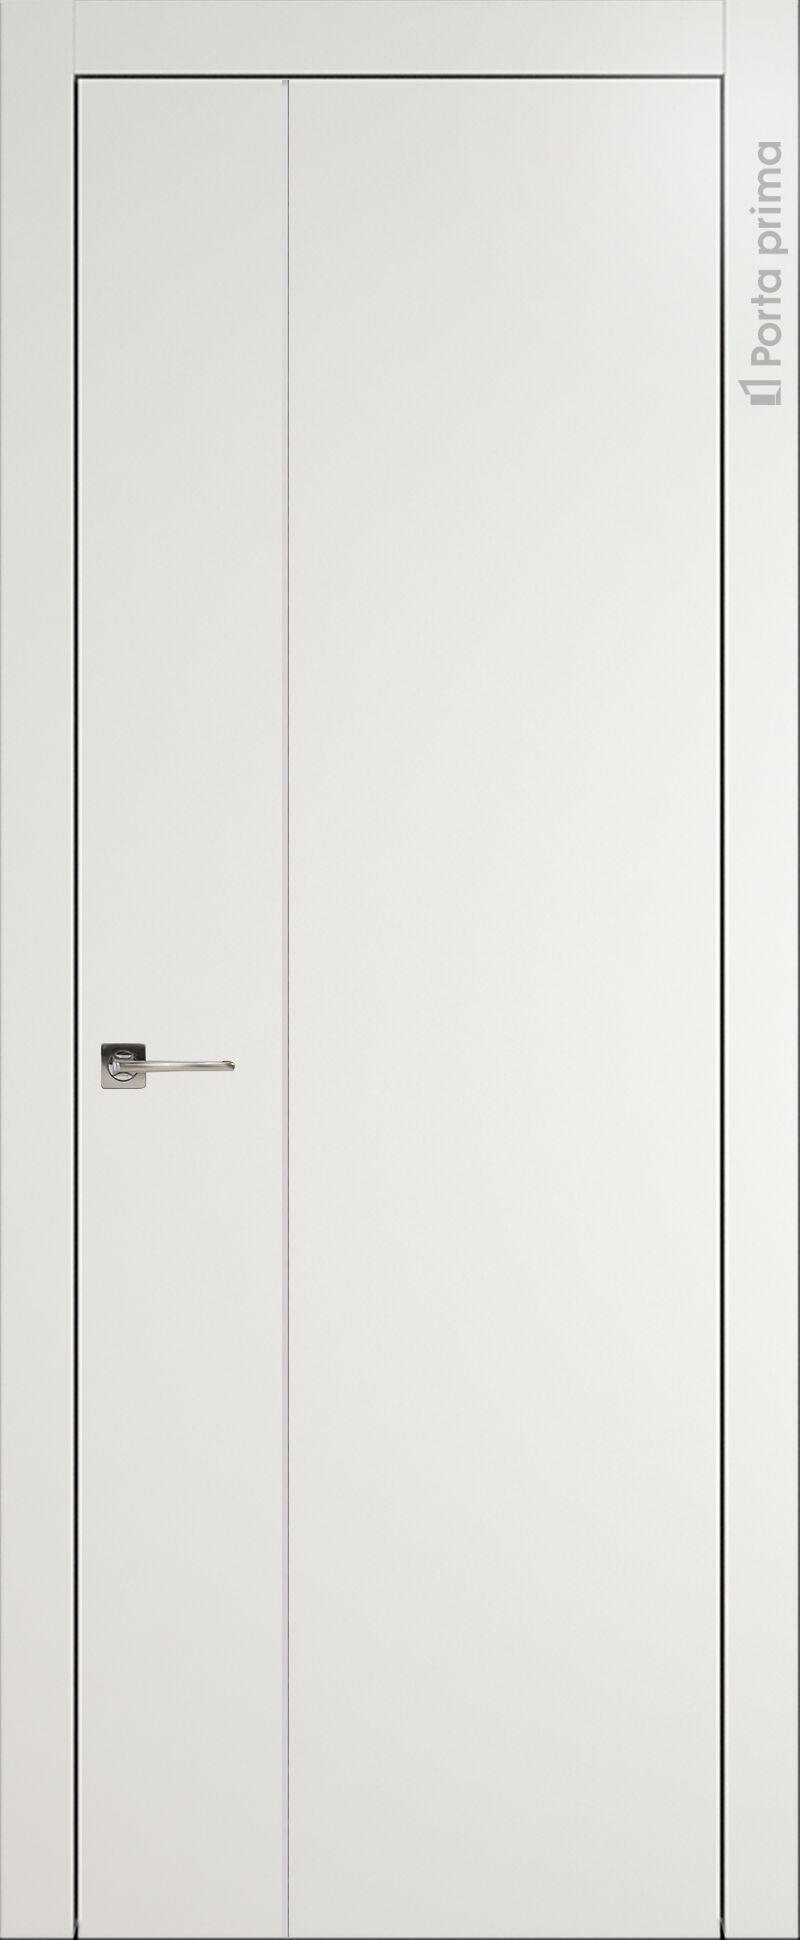 Tivoli В-1 цвет - Бежевая эмаль (RAL 9010) Без стекла (ДГ)